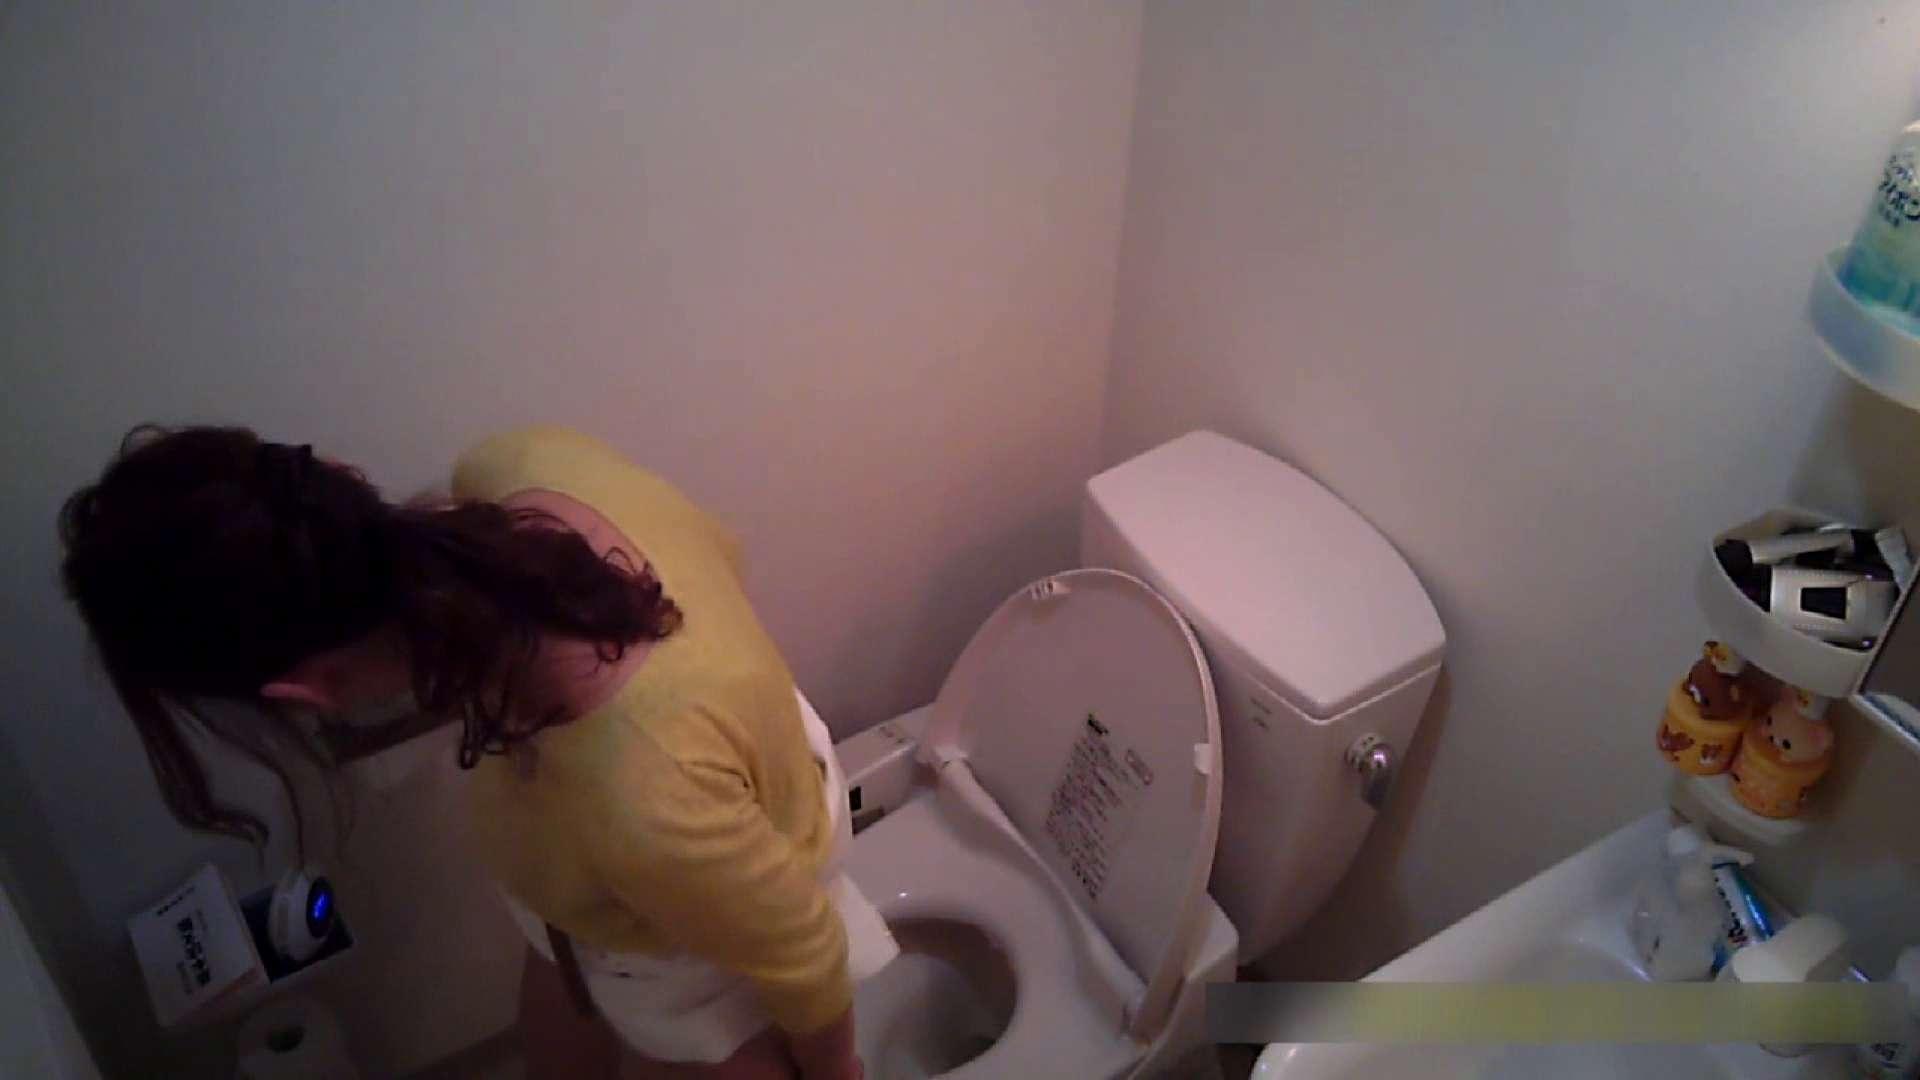 乳首大き目の24歳Y子 トイレ編 細身女性 | ギャルの乳首  113画像 97